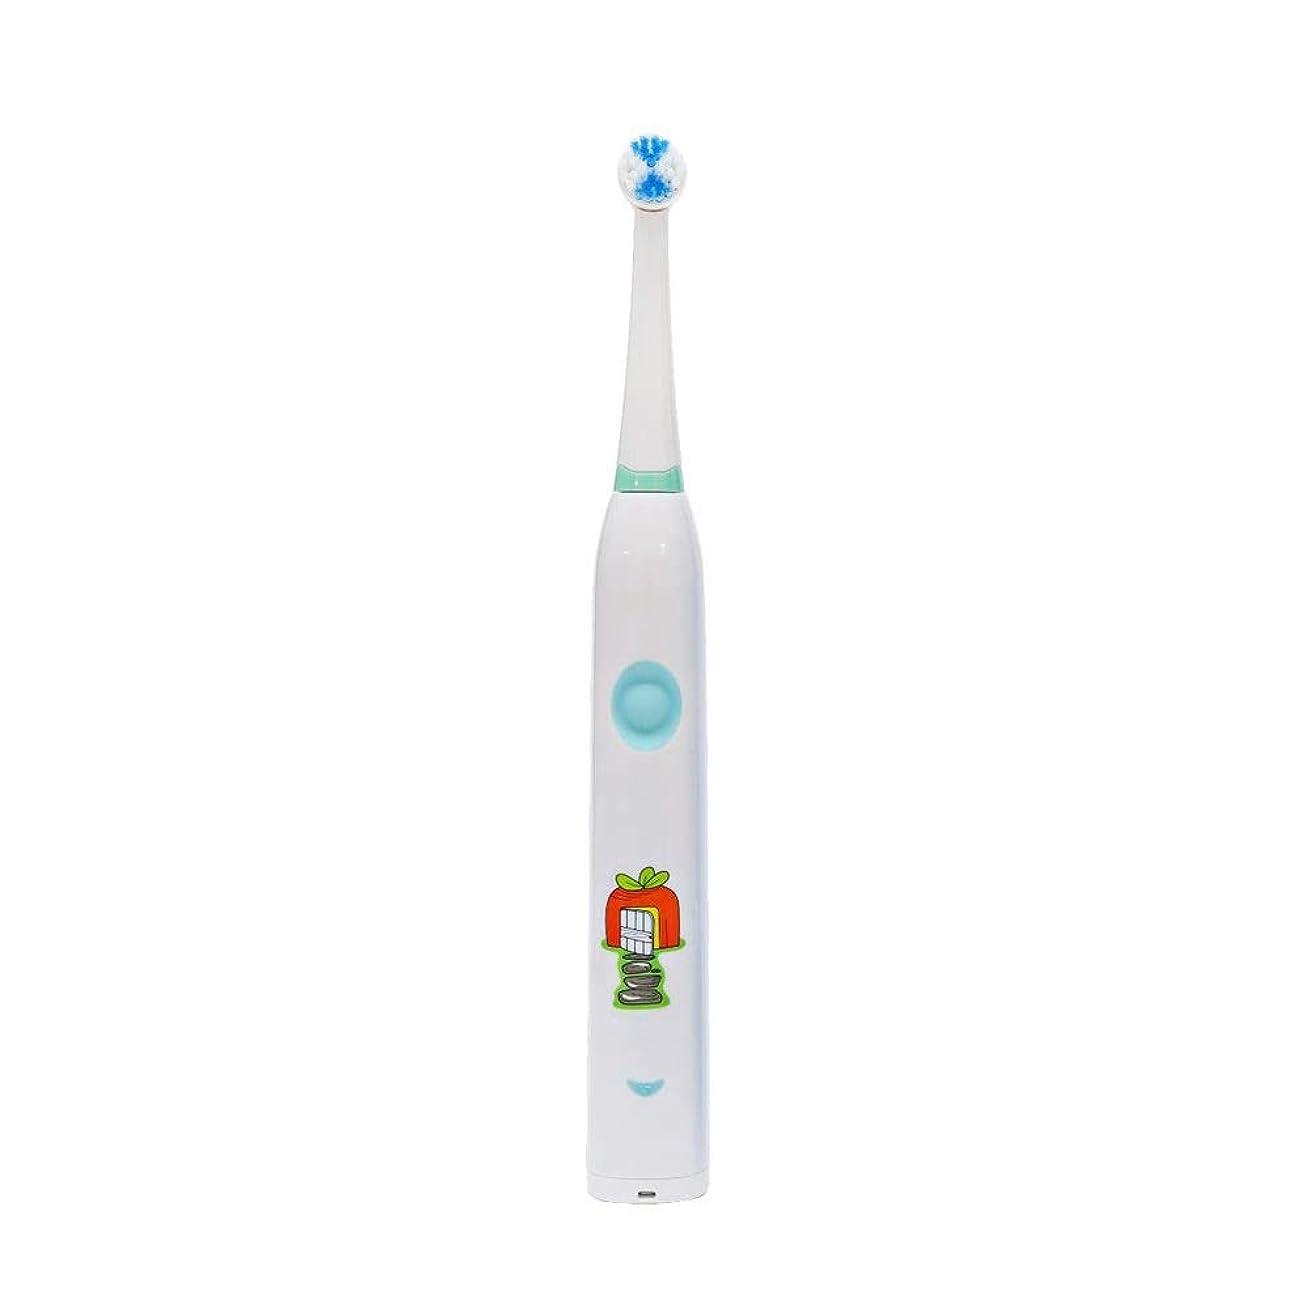 ジョージエリオット口述する知覚できる電動歯ブラシ 子供用電動歯ブラシかわいいUSB充電式歯ブラシ ケアー プロテクトクリーン (色 : 白, サイズ : Free size)